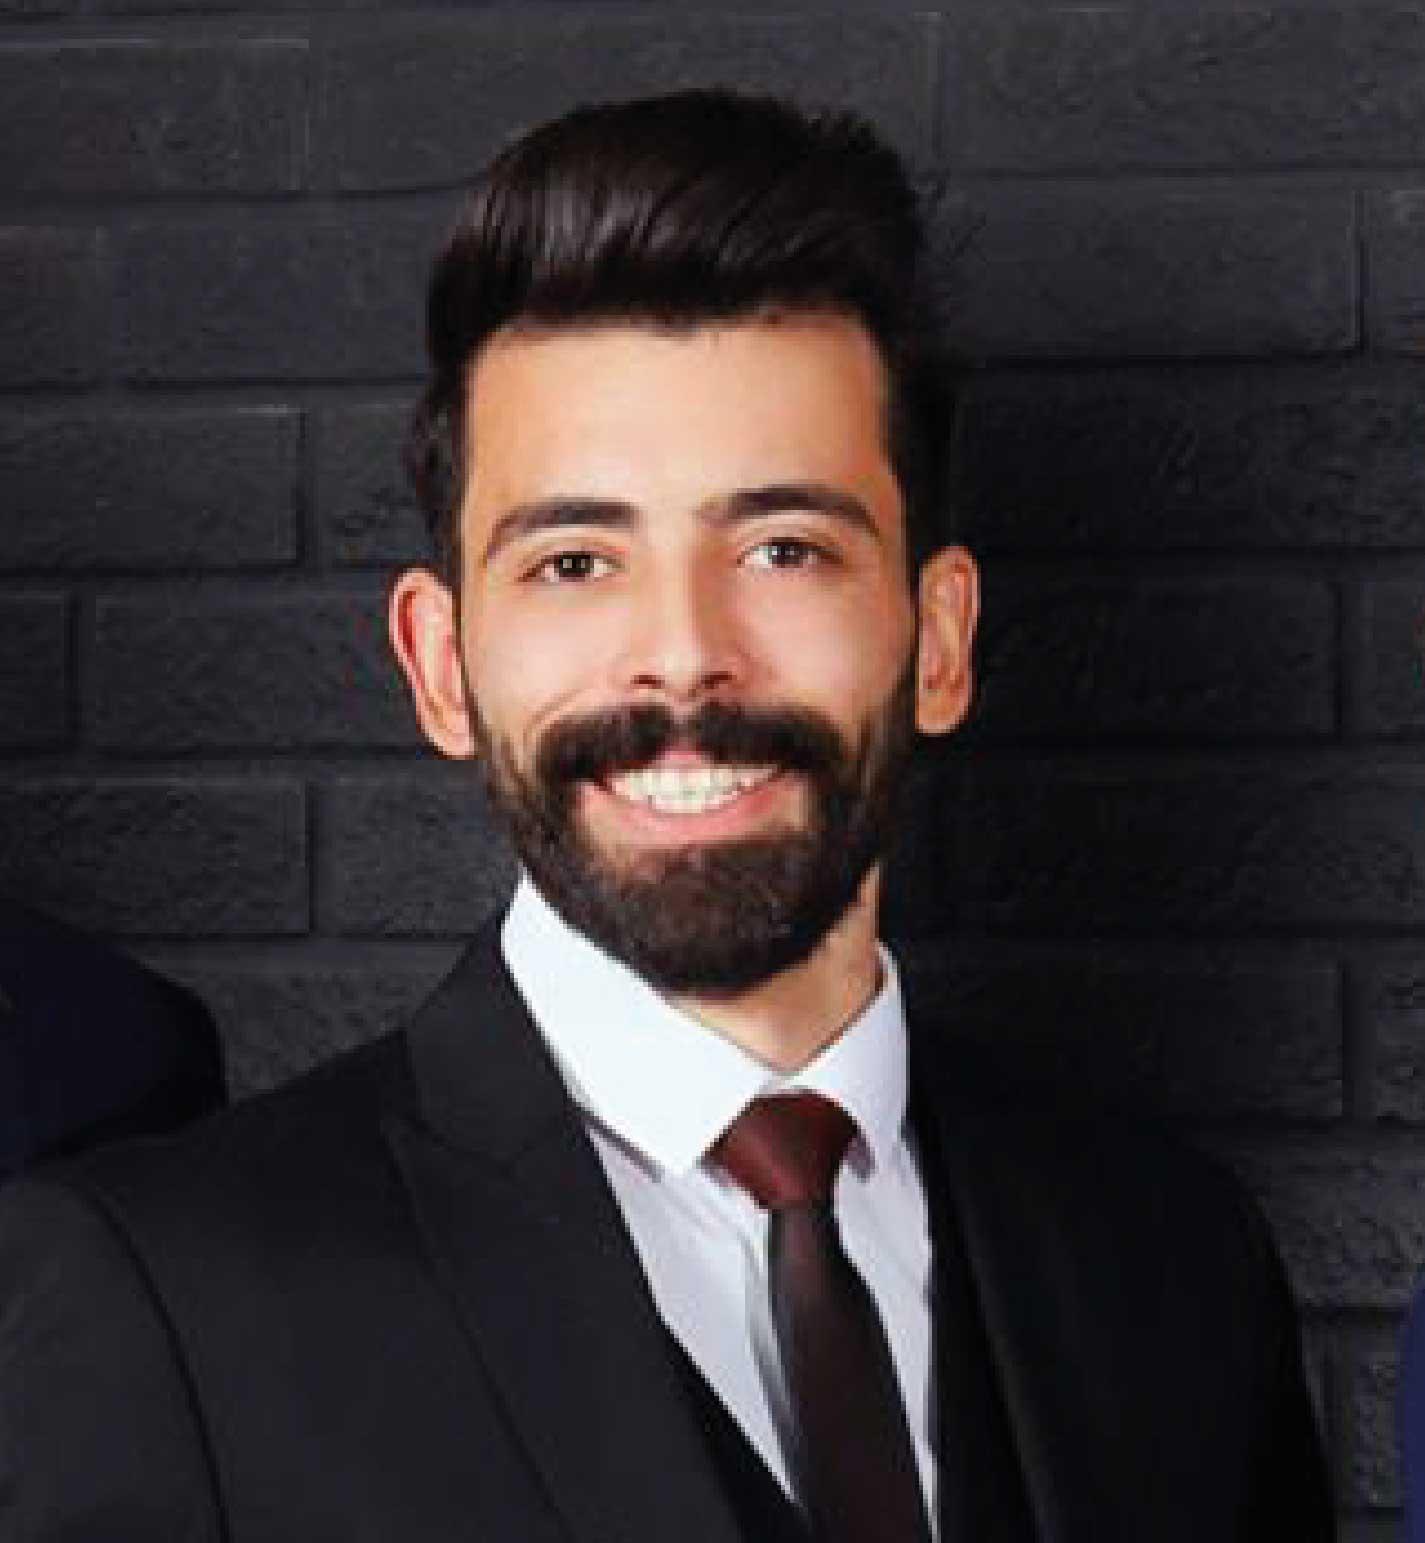 Eng. Walid Hamed